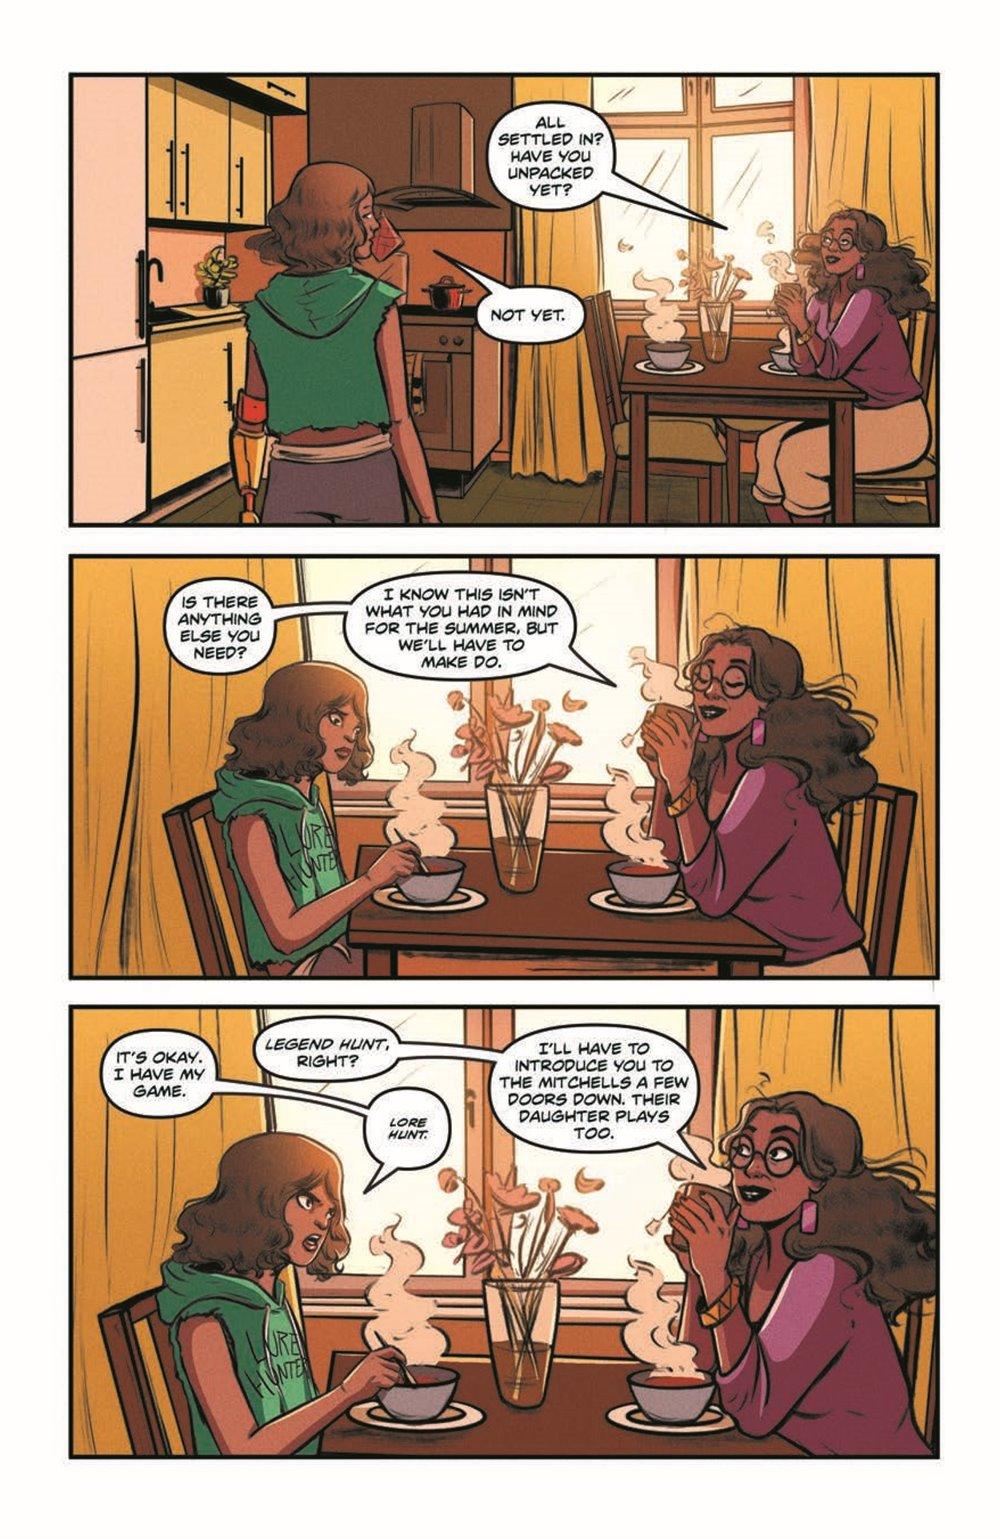 GB_SotS_VOL1_pr-6 ComicList Previews: GOOSEBUMPS SECRET OF THE SWAMP TP